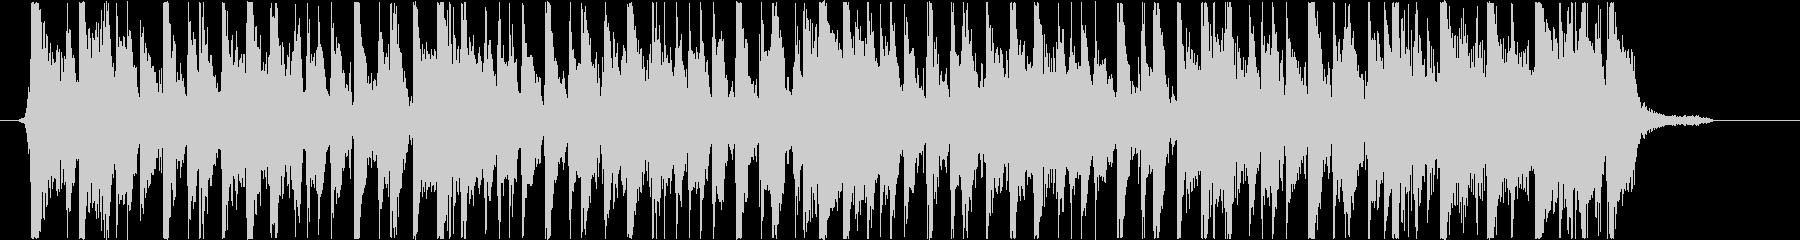 ファンキーなノリのスラップジングルの未再生の波形